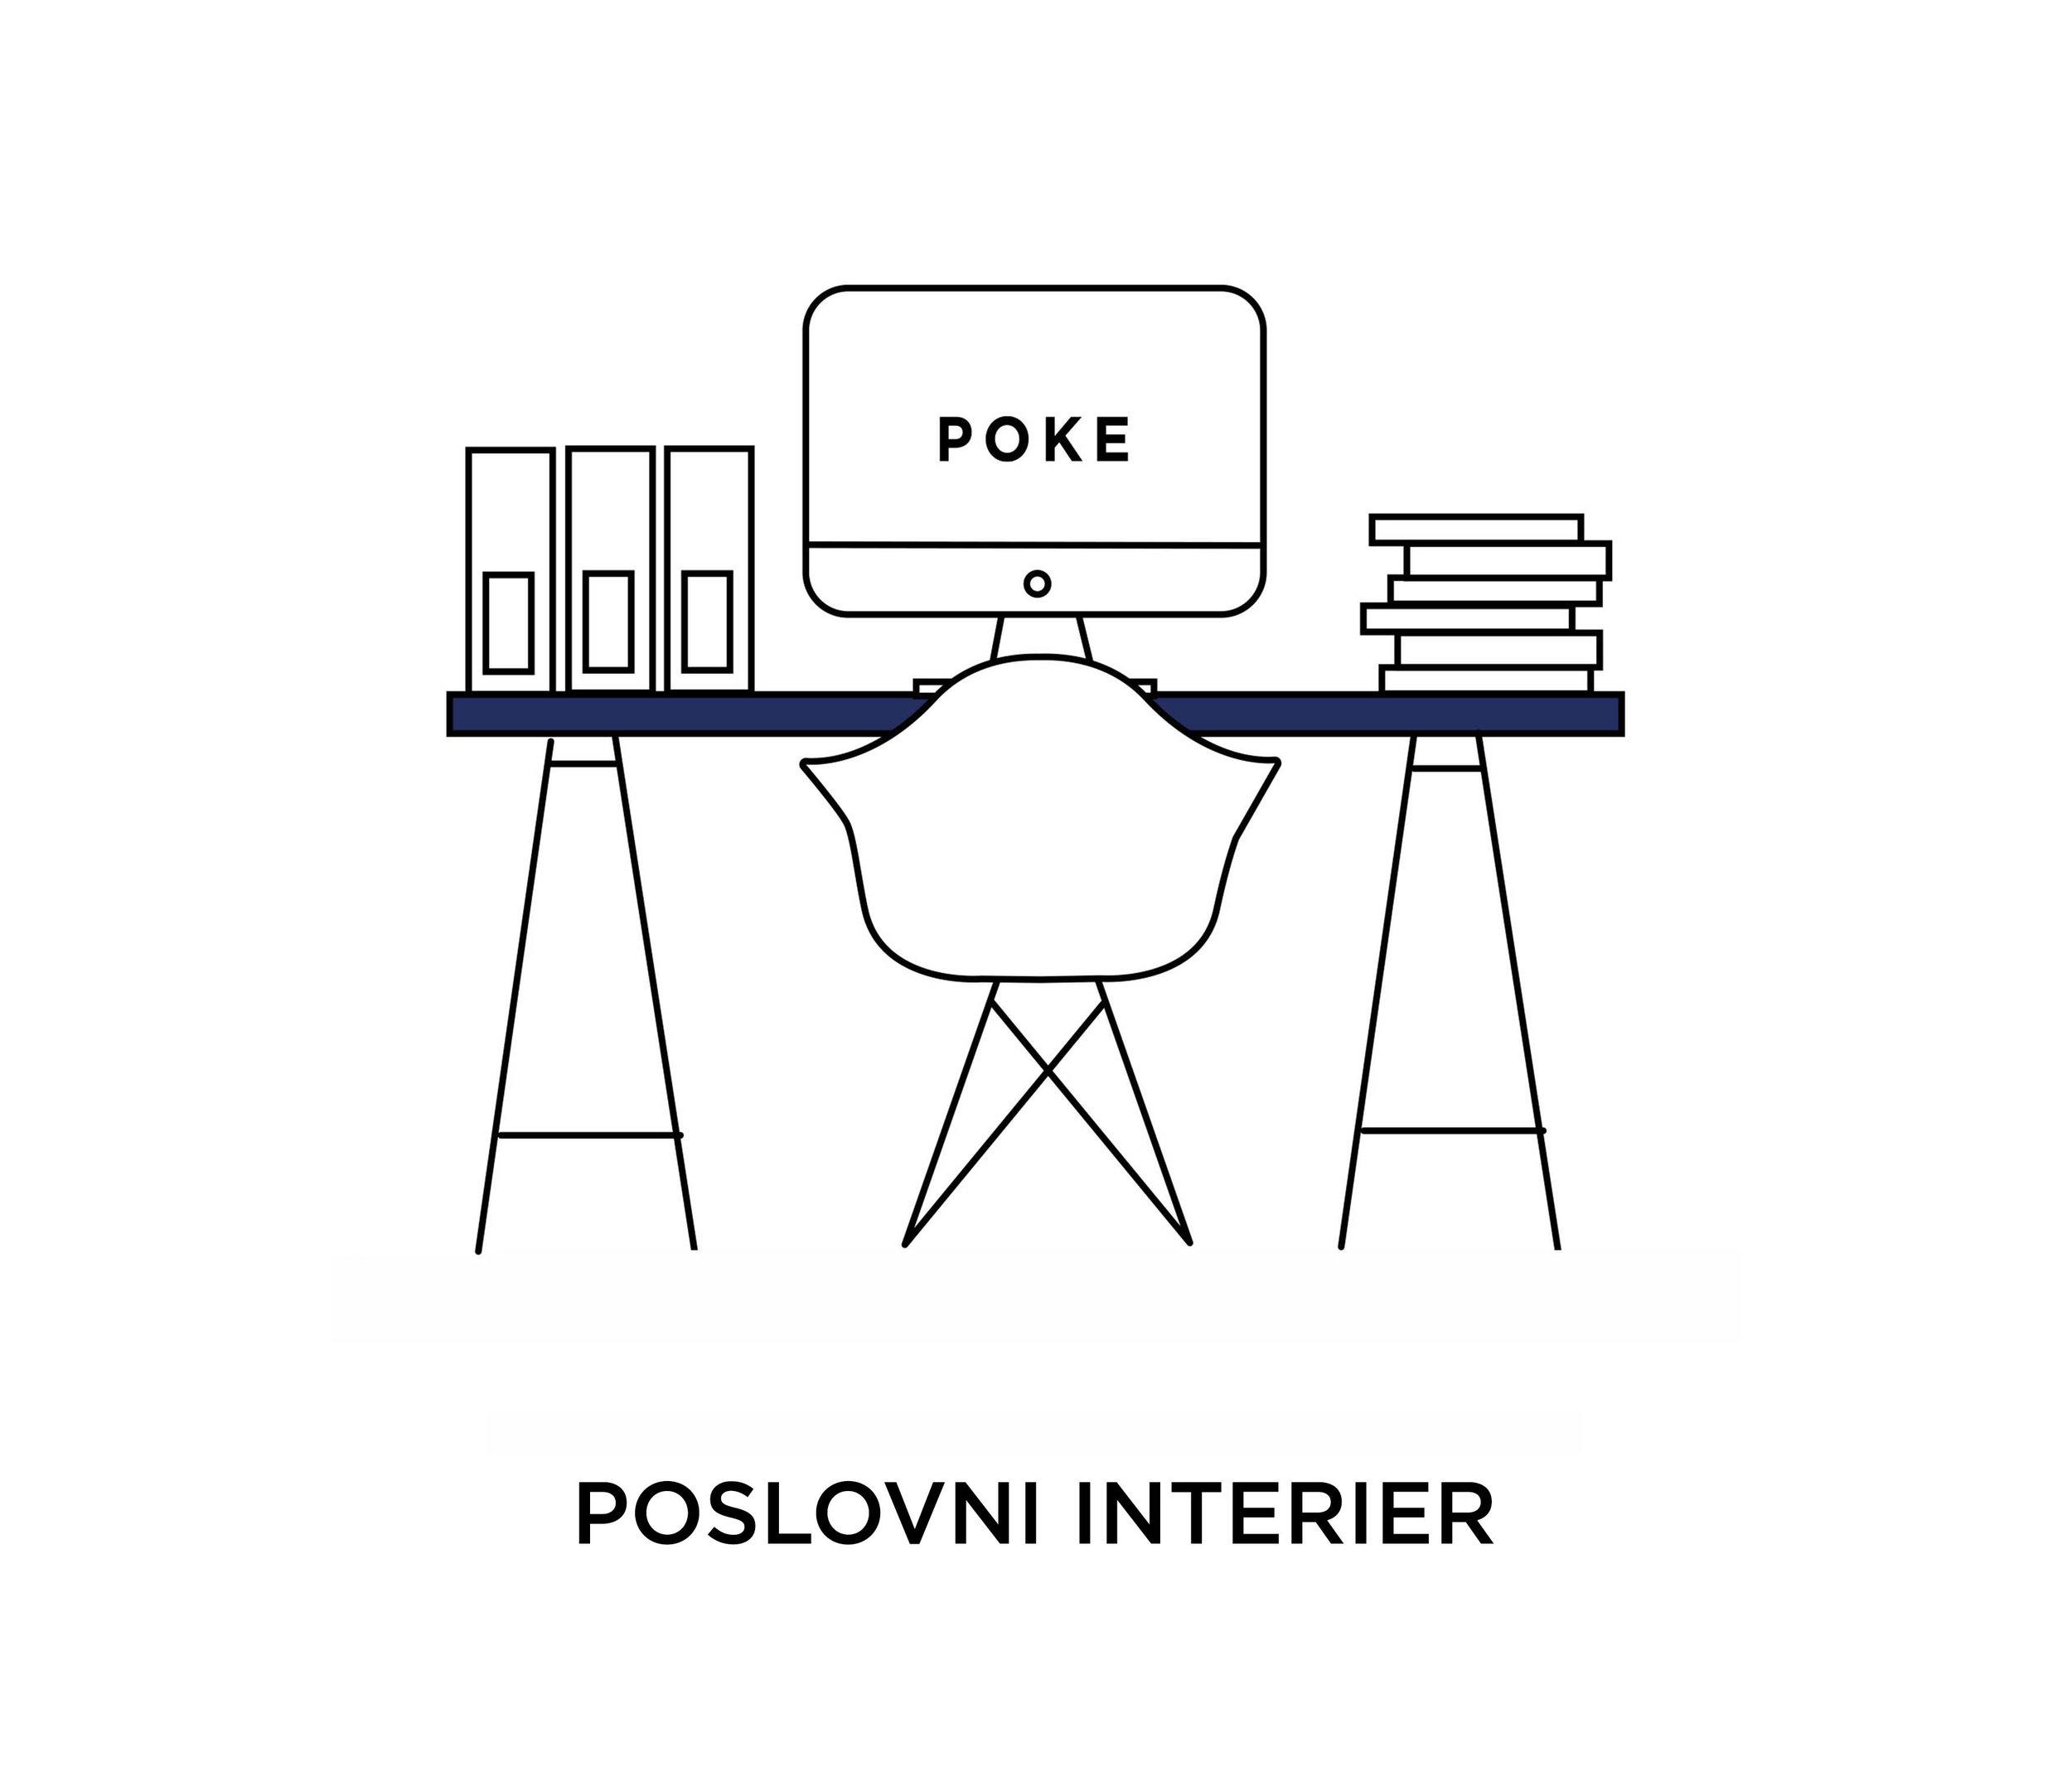 Poslovni interier - Zasnova pisarn in drugih poslovnih objektov.